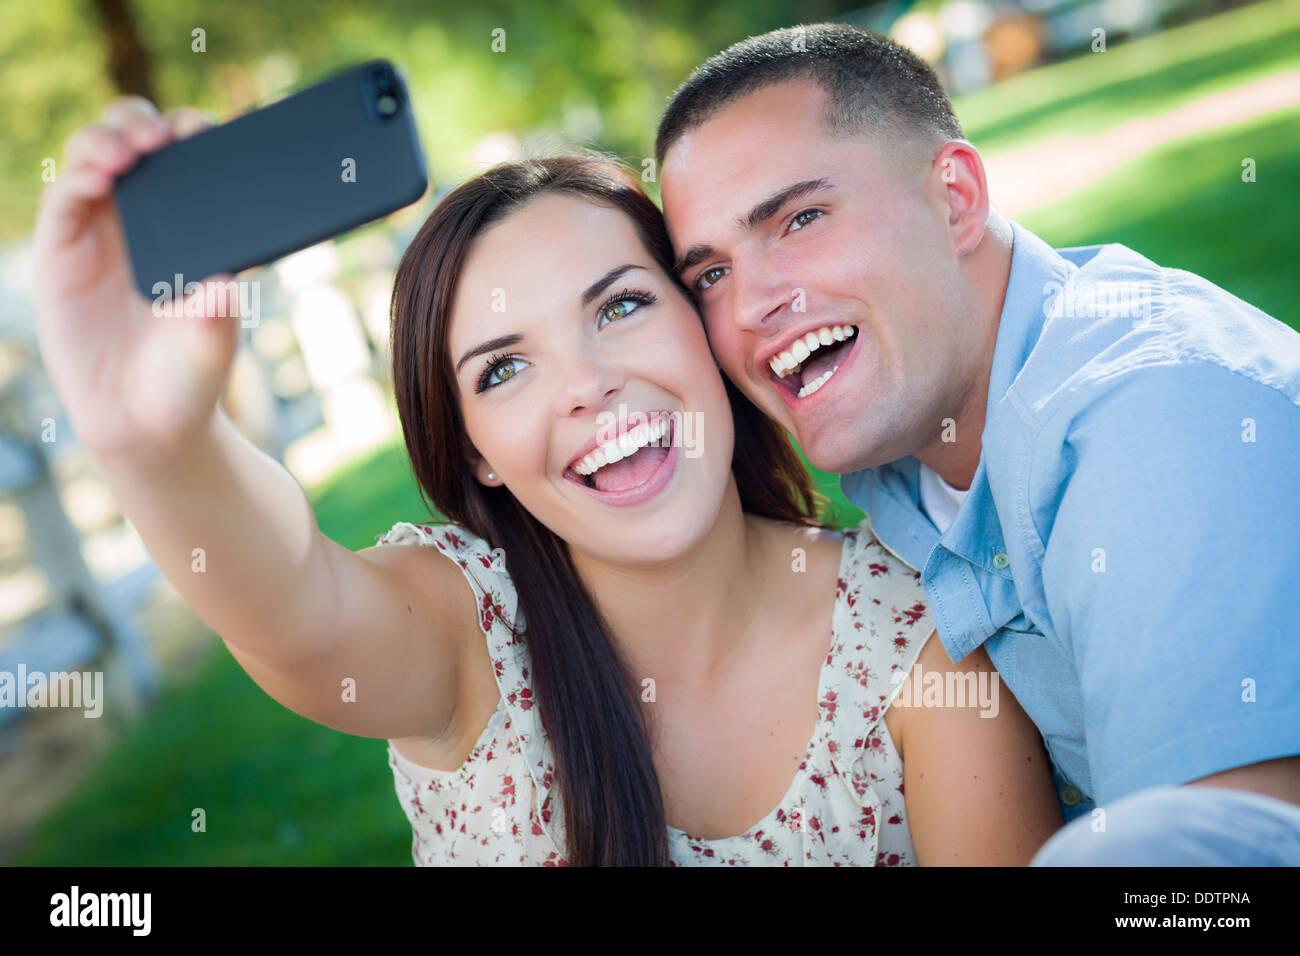 Felice razza mista giovane tenendo Autoritratto con uno Smart Phone nel parco. Immagini Stock